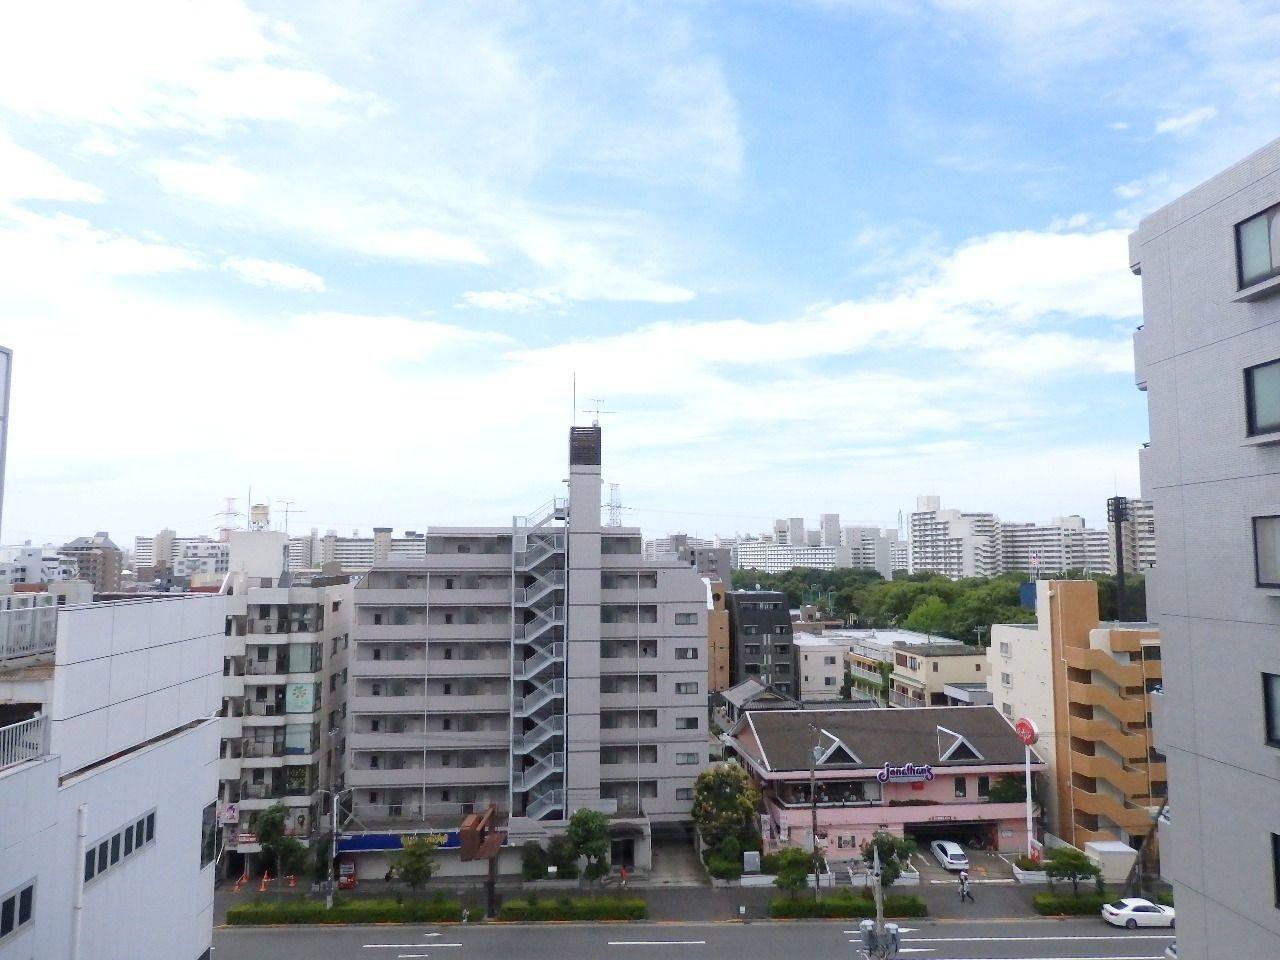 臨海公園の観覧車や東京湾の花火などの夜景も独り占めできます。